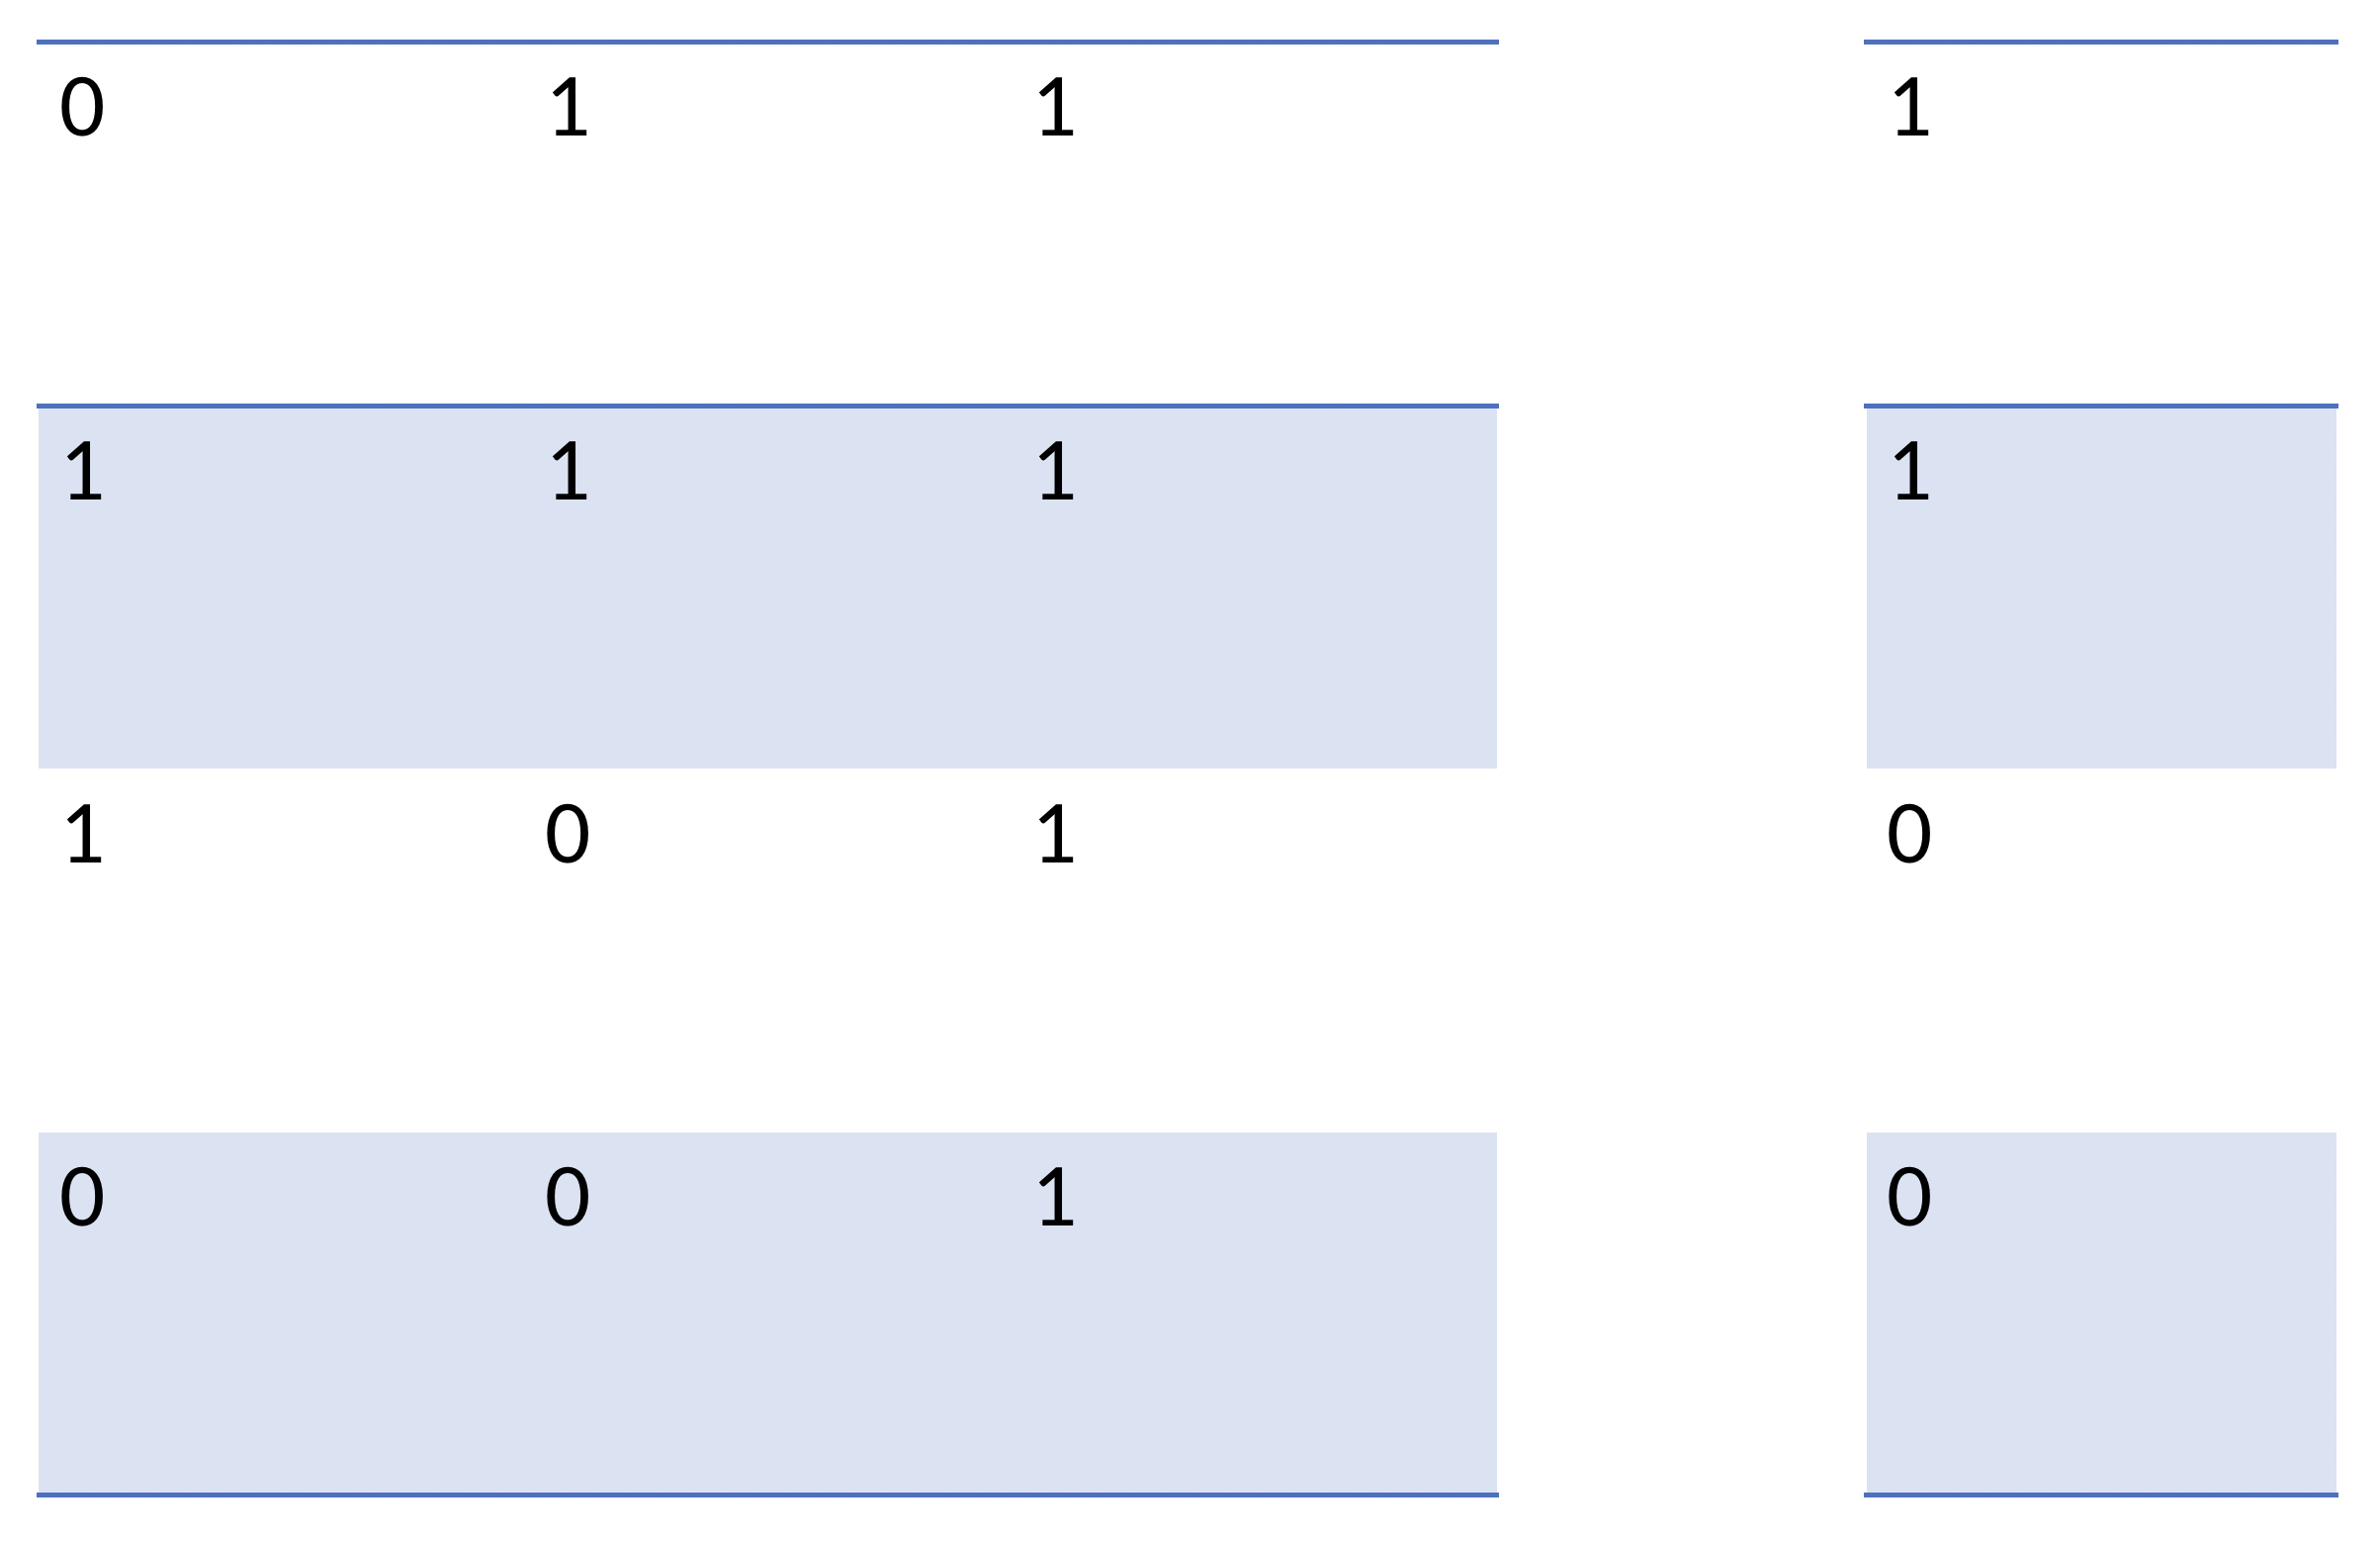 Trasposizione dell'array contenente i valori di output